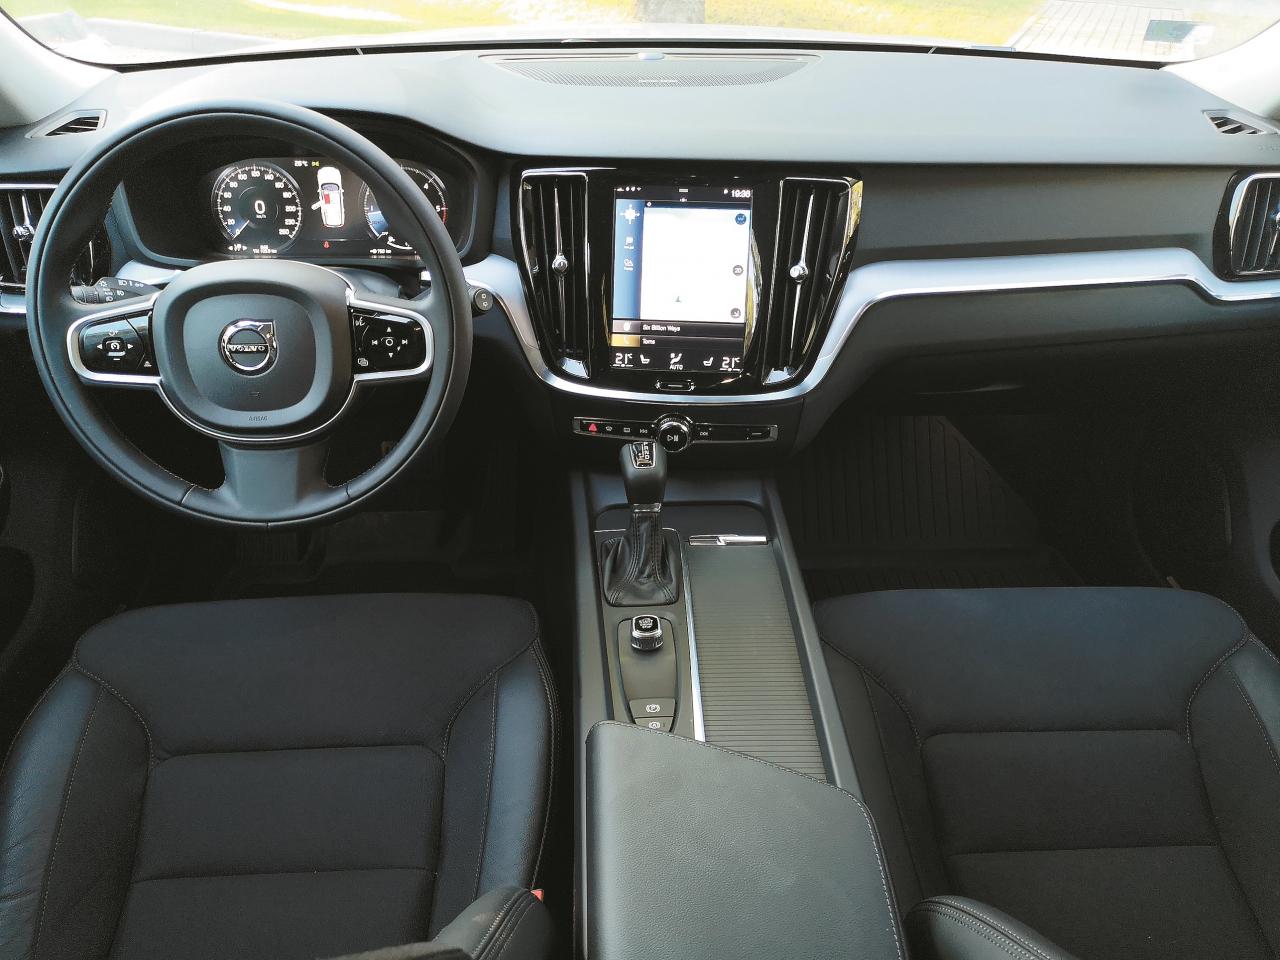 Gaiša ādas salona apdare vairāk piestāvētu Volvo imidžam. Svarīgi, ka visi ekrānos redzamie uzraksti ir latviski.